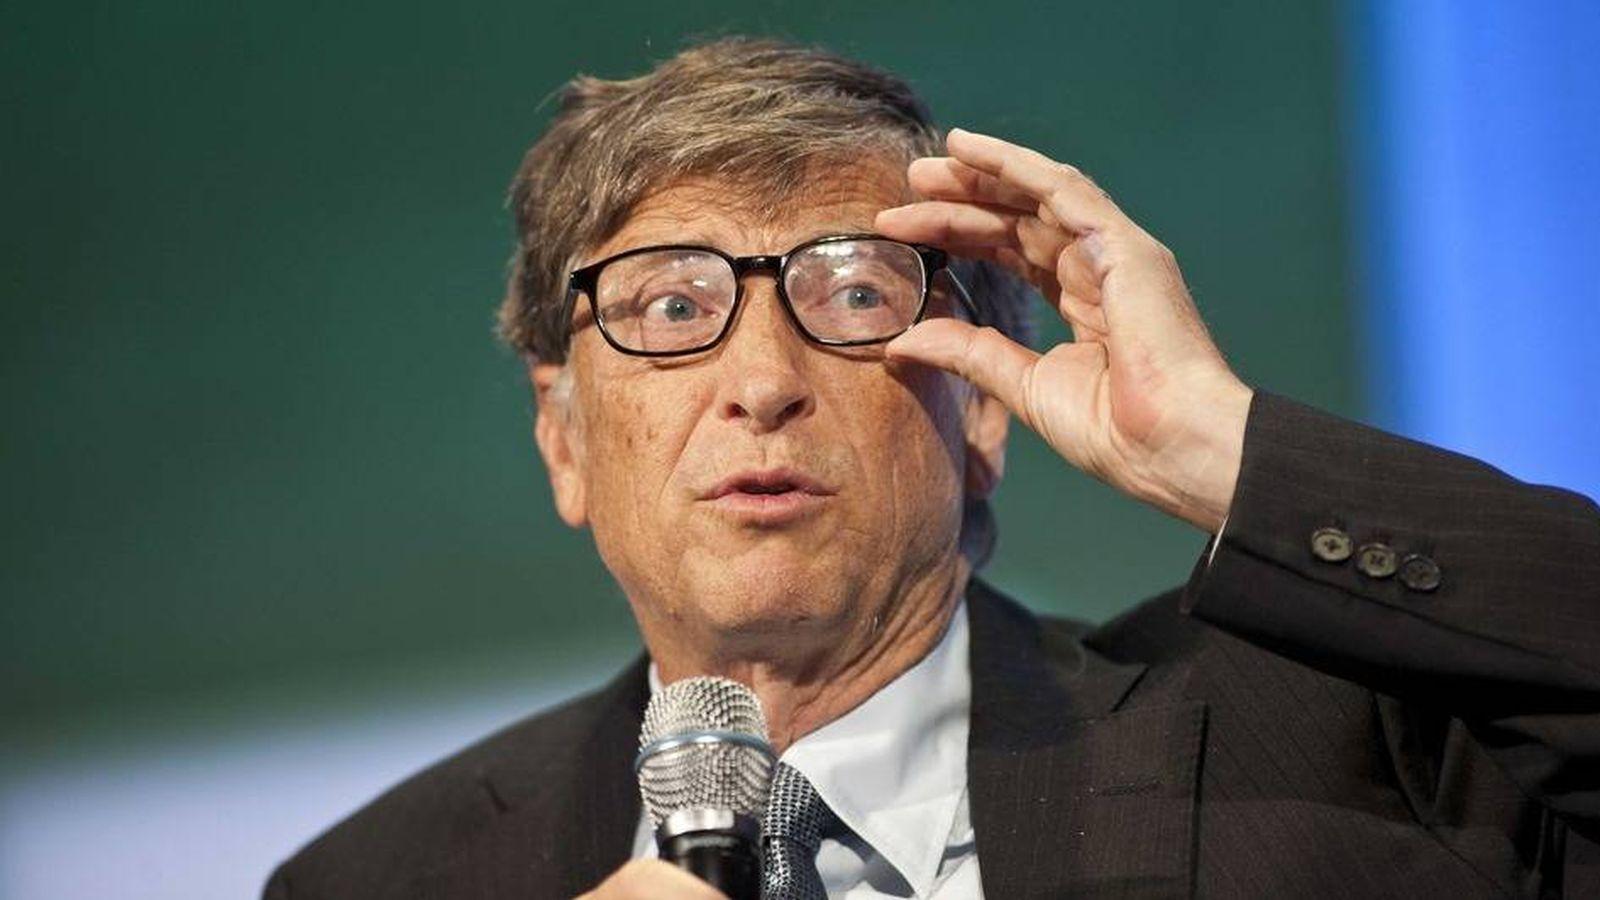 Foto: Bill Gates (Foto: Reuters)